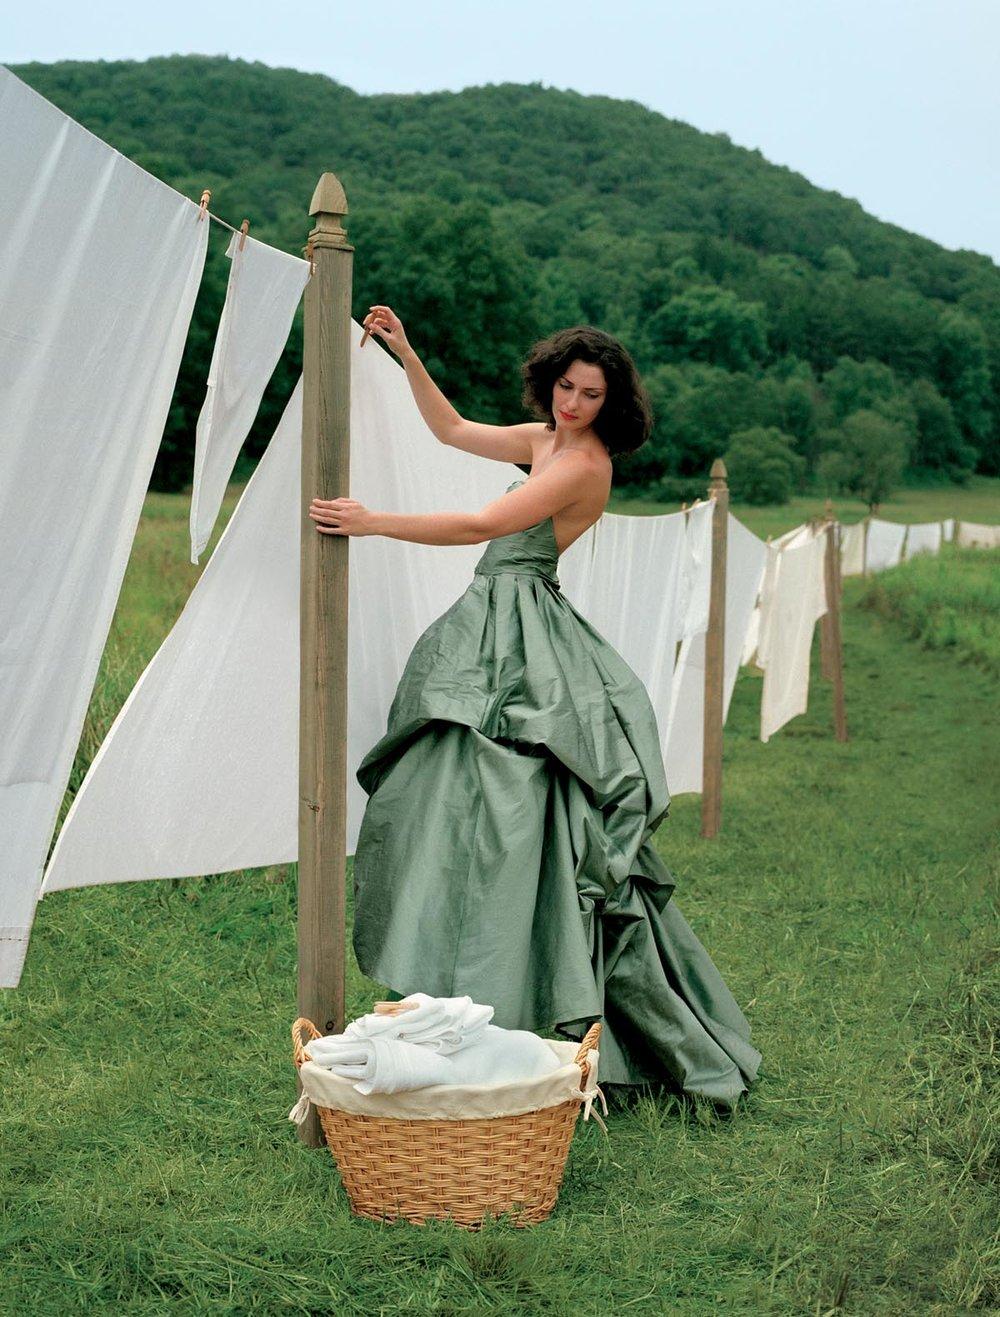 NatlAd_Dream_Laundry2006.jpg